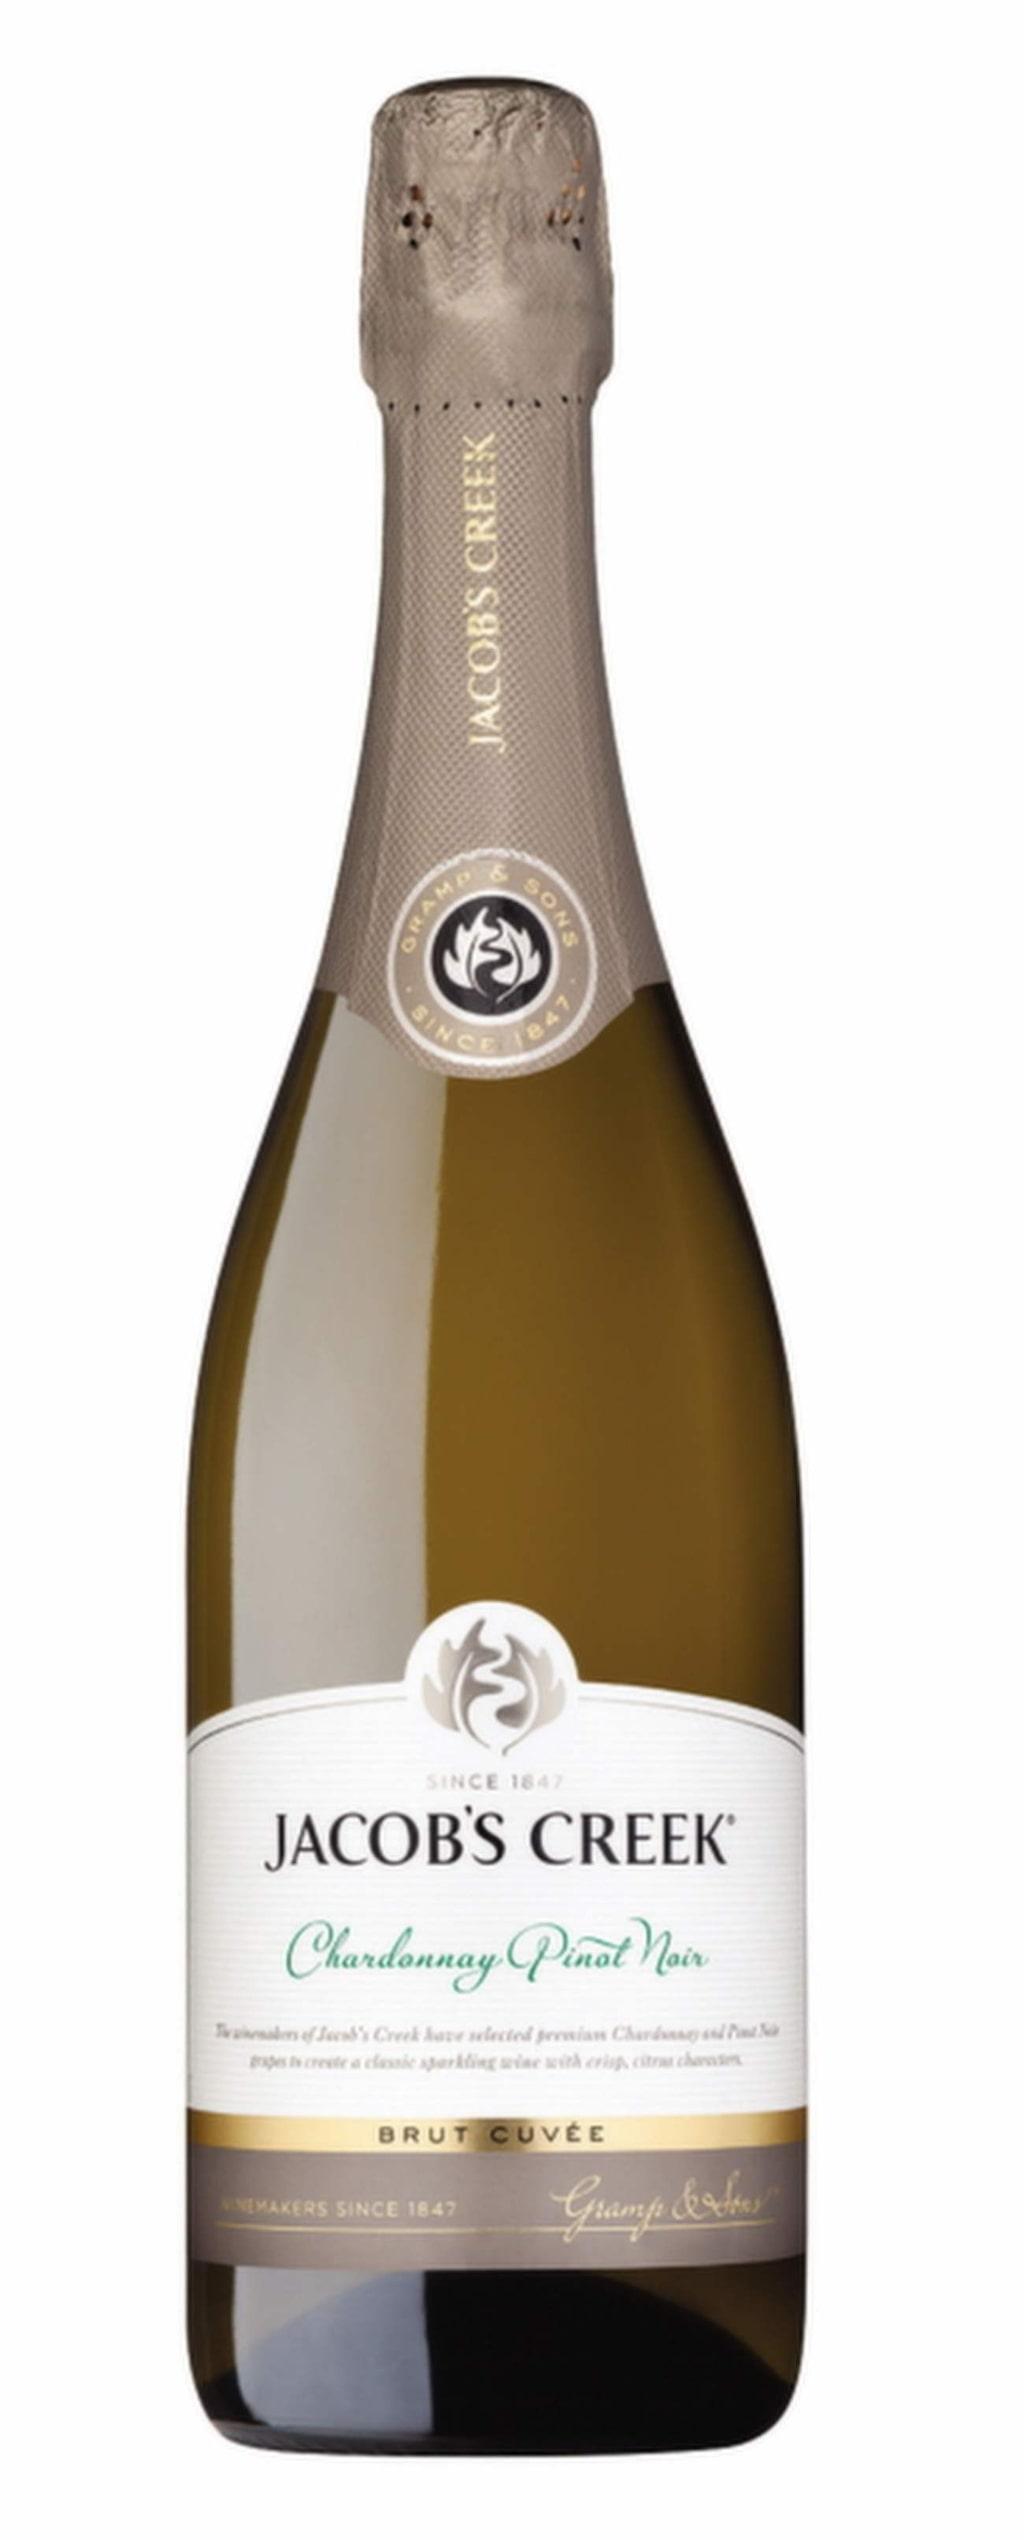 """Mousserande<br><exp:icon type=""""wasp""""></exp:icon><exp:icon type=""""wasp""""></exp:icon><exp:icon type=""""wasp""""></exp:icon><exp:icon type=""""wasp""""></exp:icon><br><strong>Jacob's Creek Chardonnay Pinot Noir Brut Cuvée (7359) South Eastern Australia, 89 kr</strong><br>Friskt och piggt, klart aptitretande. Toner av äpplen, citrus och persikor. Gott till laxröra i tunnbröd"""